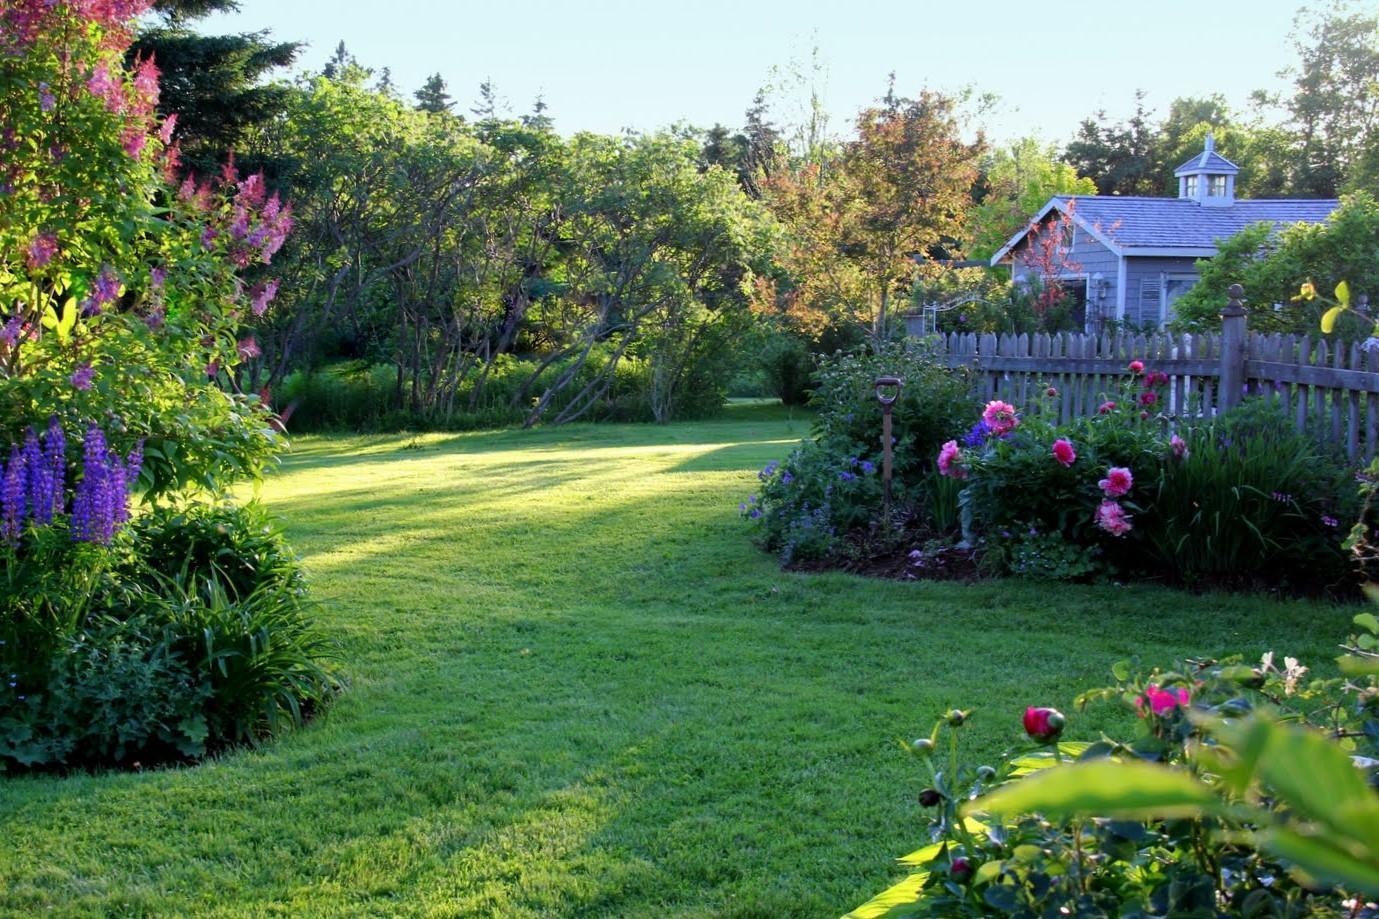 Záhrada,ktorá ťa nikdy neomrzí...divoká a krásna - Obrázok č. 35